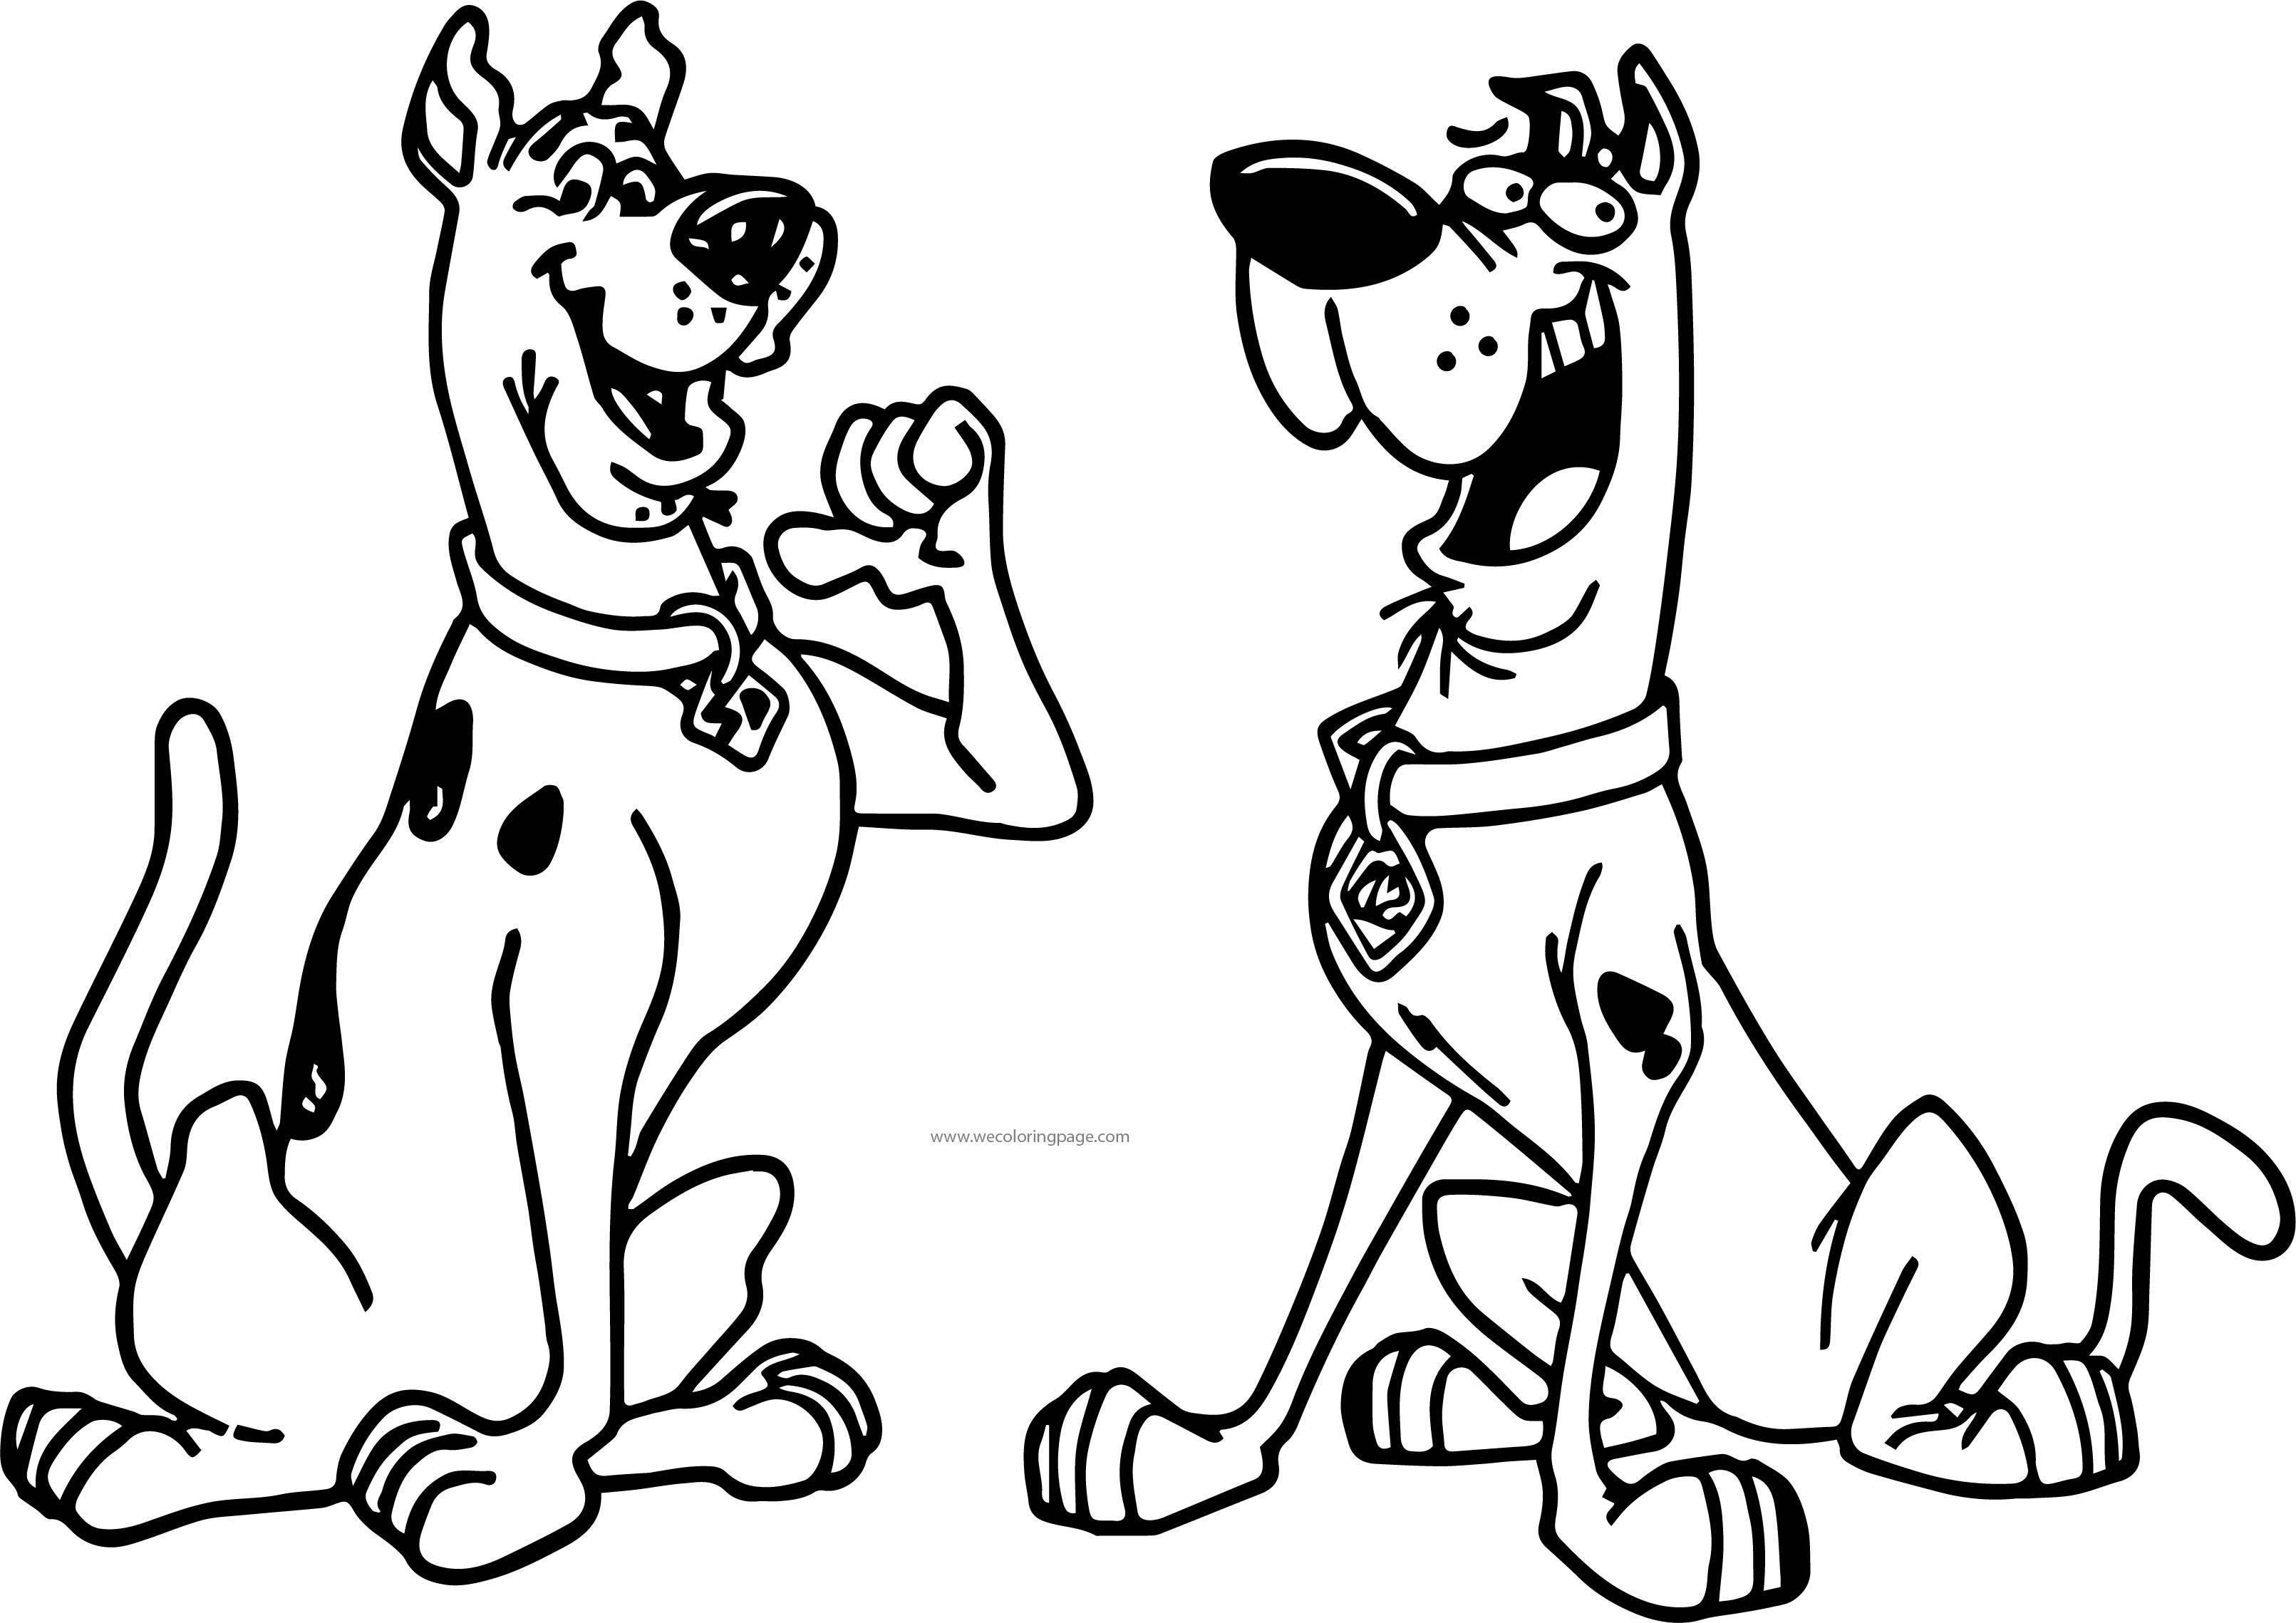 Excelente Scooby Doo Para Colorear Páginas Shaggy Friso - Dibujos ...